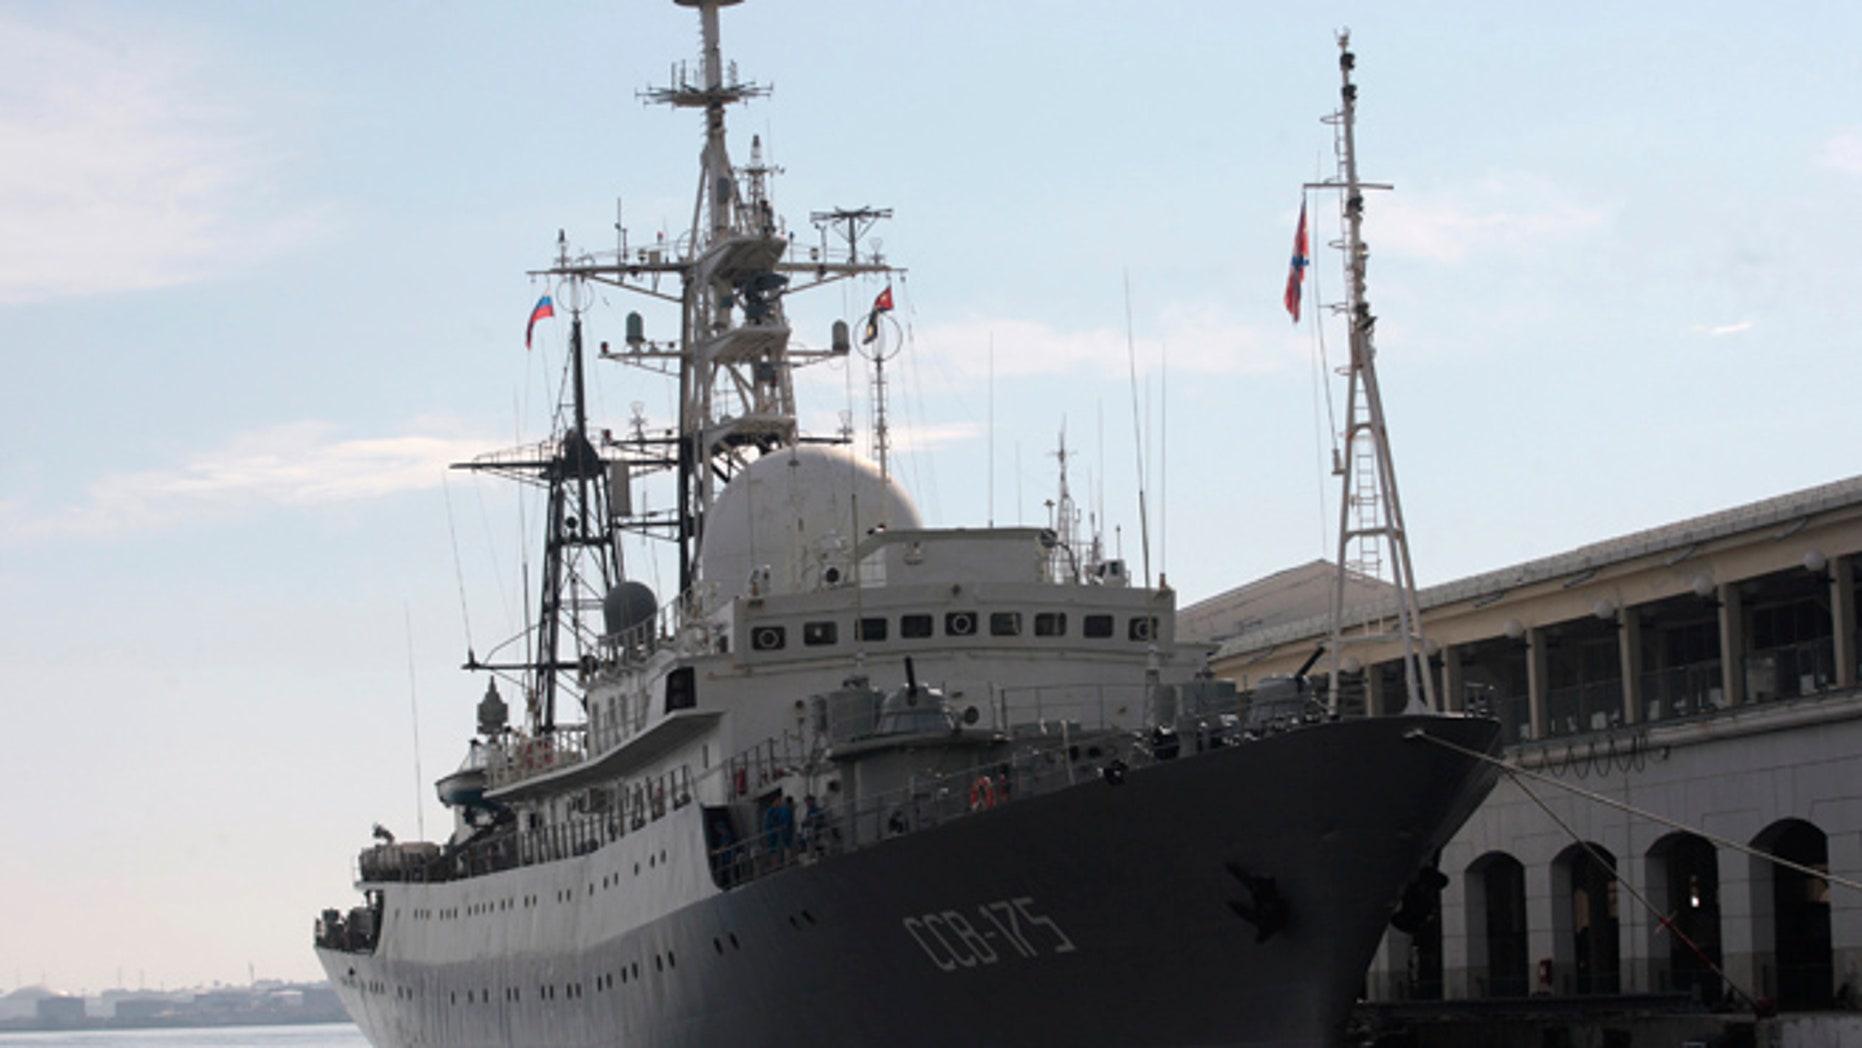 The Russian spy ship Viktor Leonov in 2014.